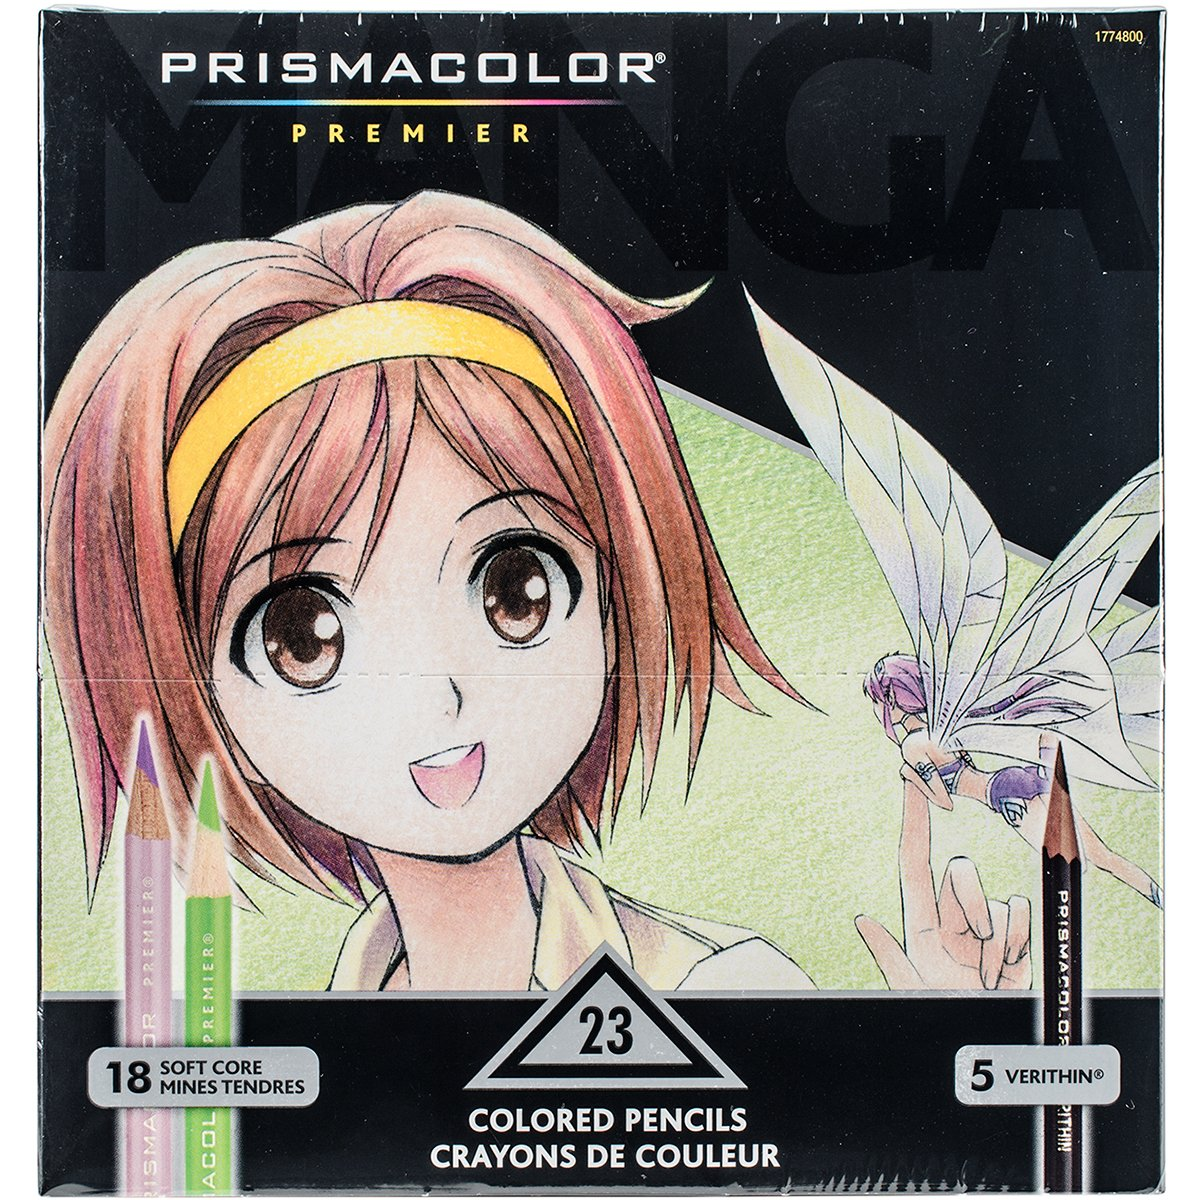 Details about Prismacolor 1774800 Premier Colored Pencils, Manga Colors,  23-Count